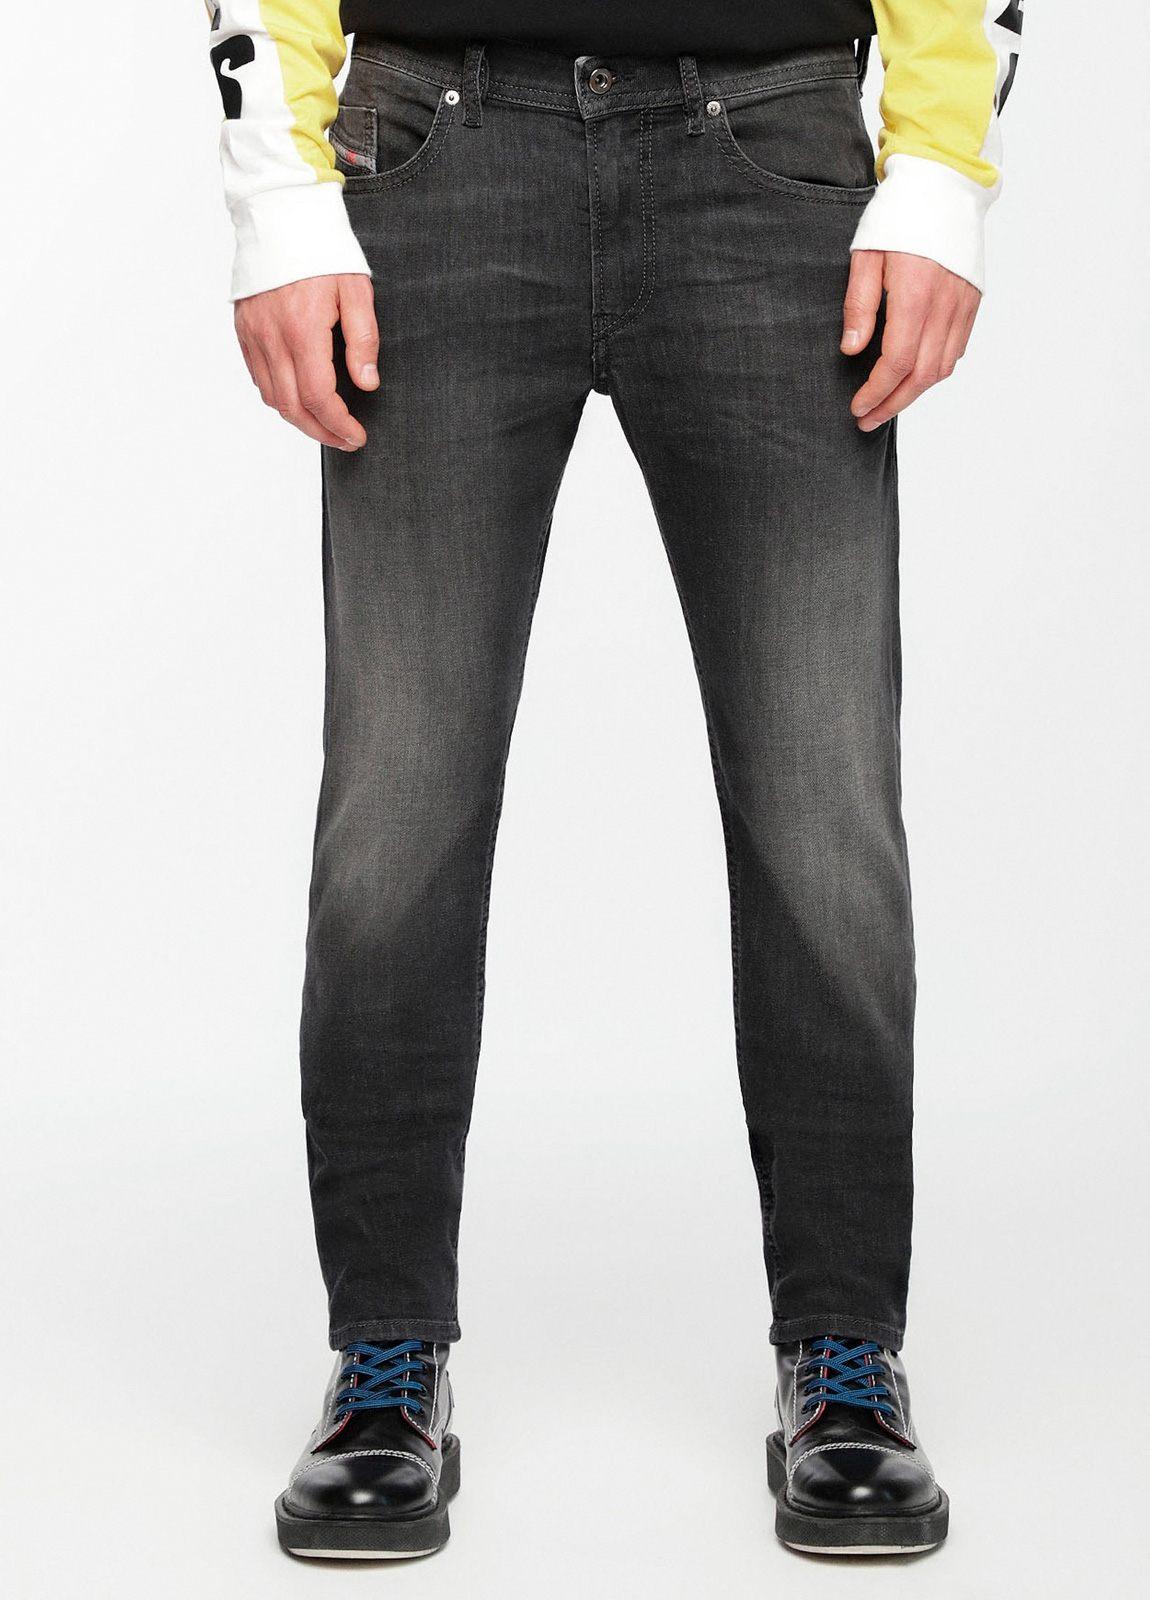 Pantalón tejano skinny modelo THOMMER color negro lavado. 72% Algodón 17% Poliéster 9%Visc. 2% Elastáno.